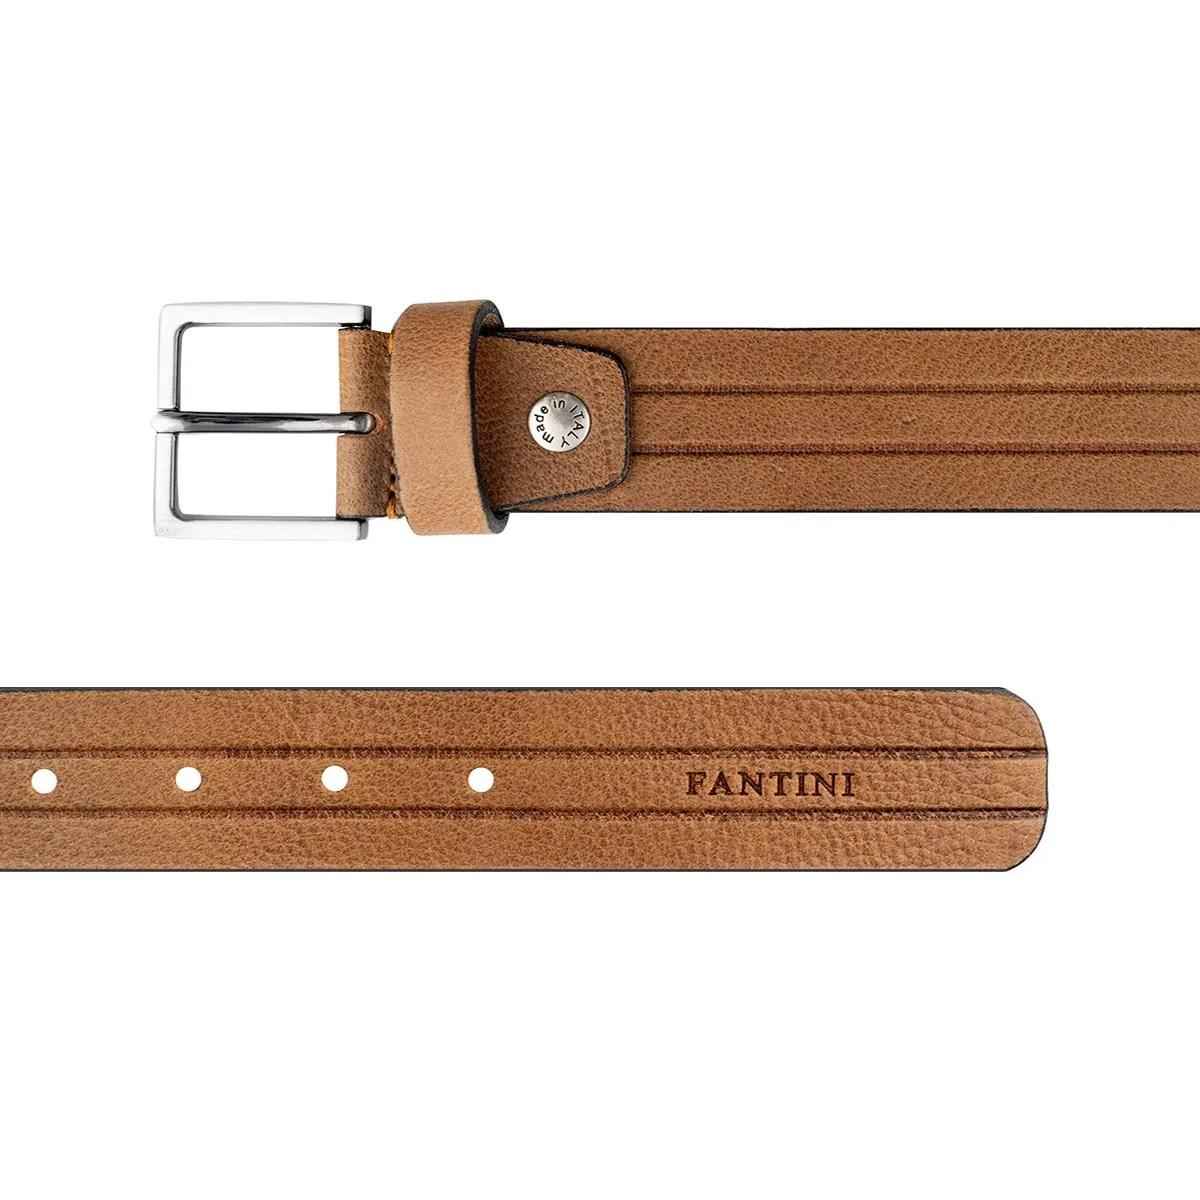 prodotti di qualità comprare in vendita fornitore ufficiale Cintura Fantini in pelle - Fantini Pelletteria